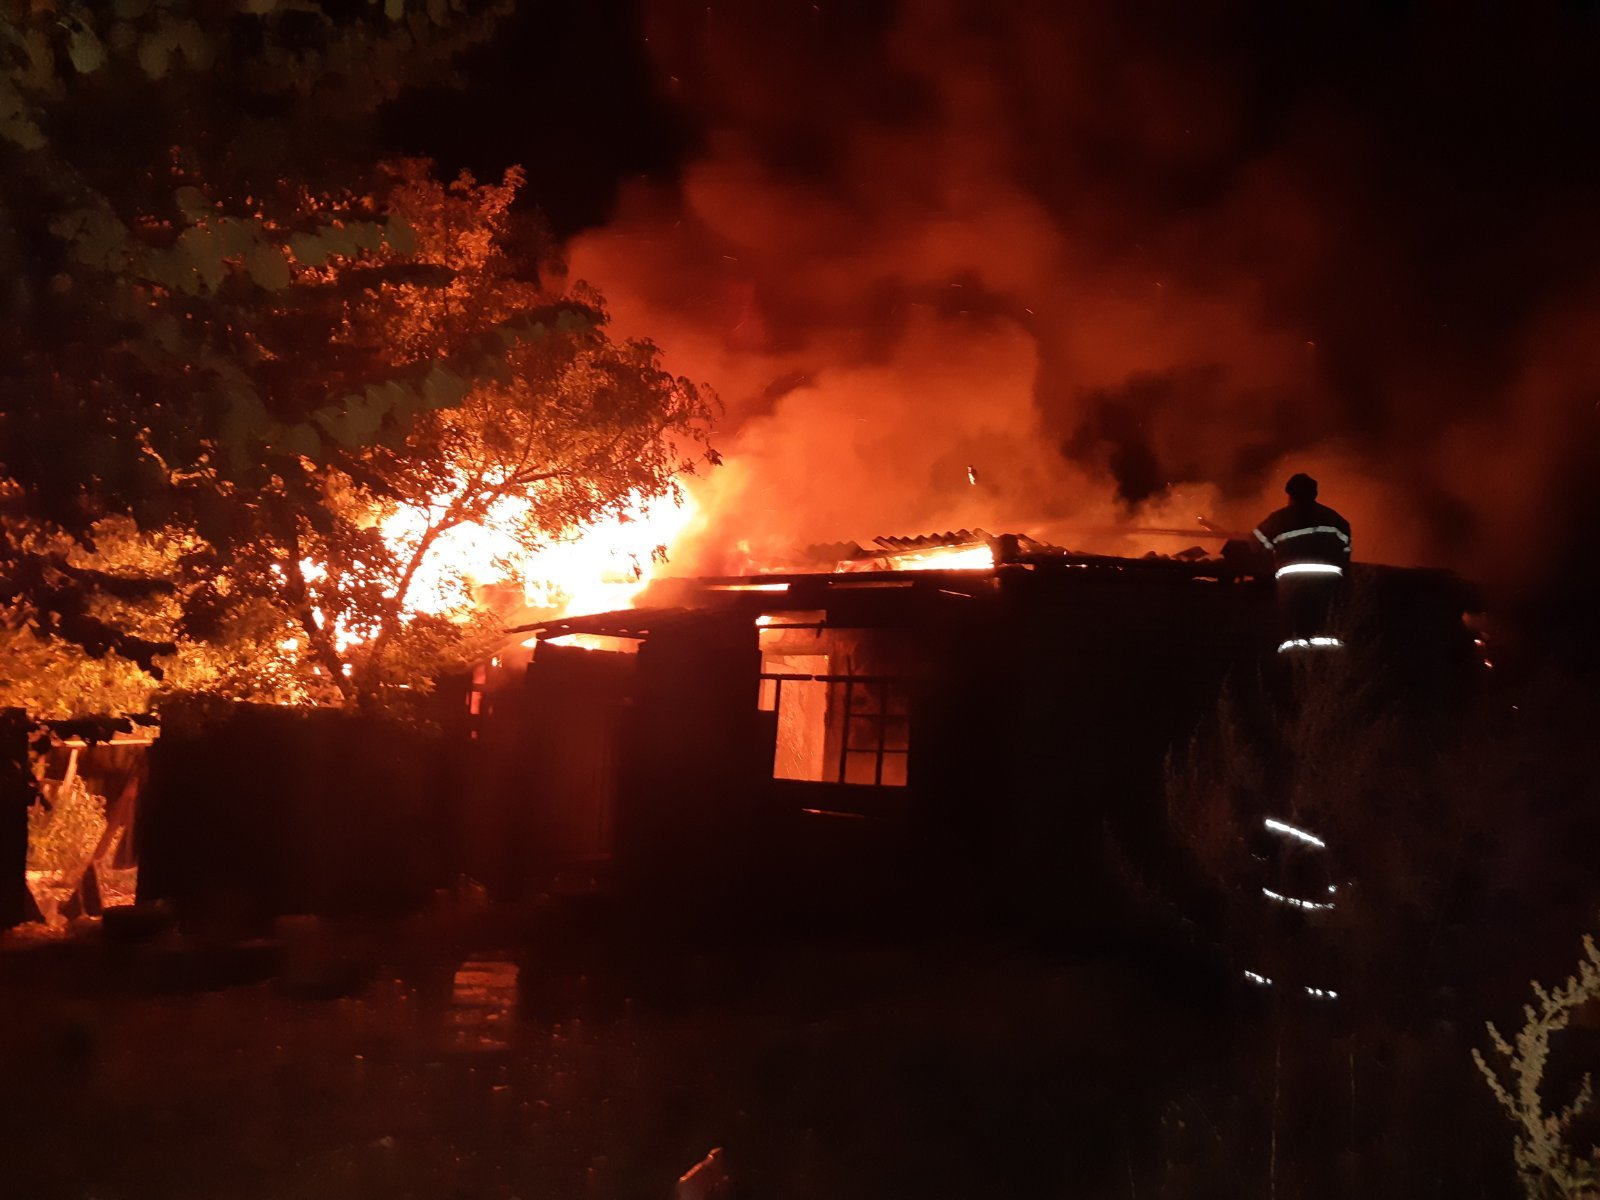 На Харьковщине обнаружили в сгоревшем доме тело неизвестного человека (фото)